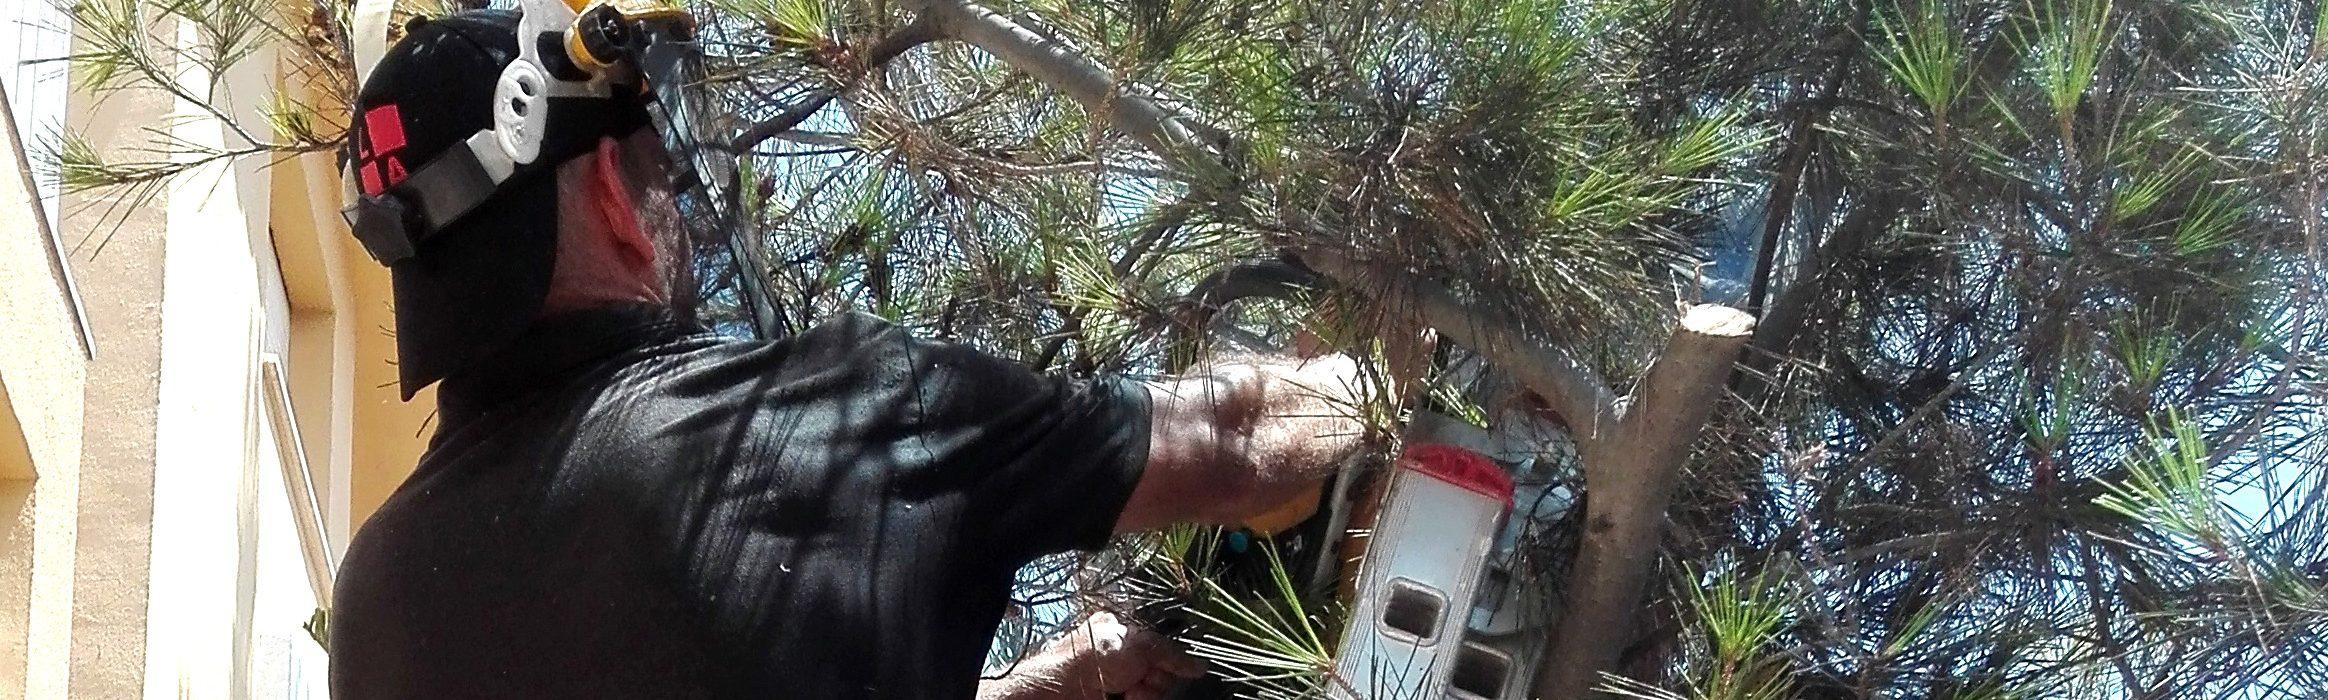 Limpiezas y Mantenimientos Ayala - Jardinería